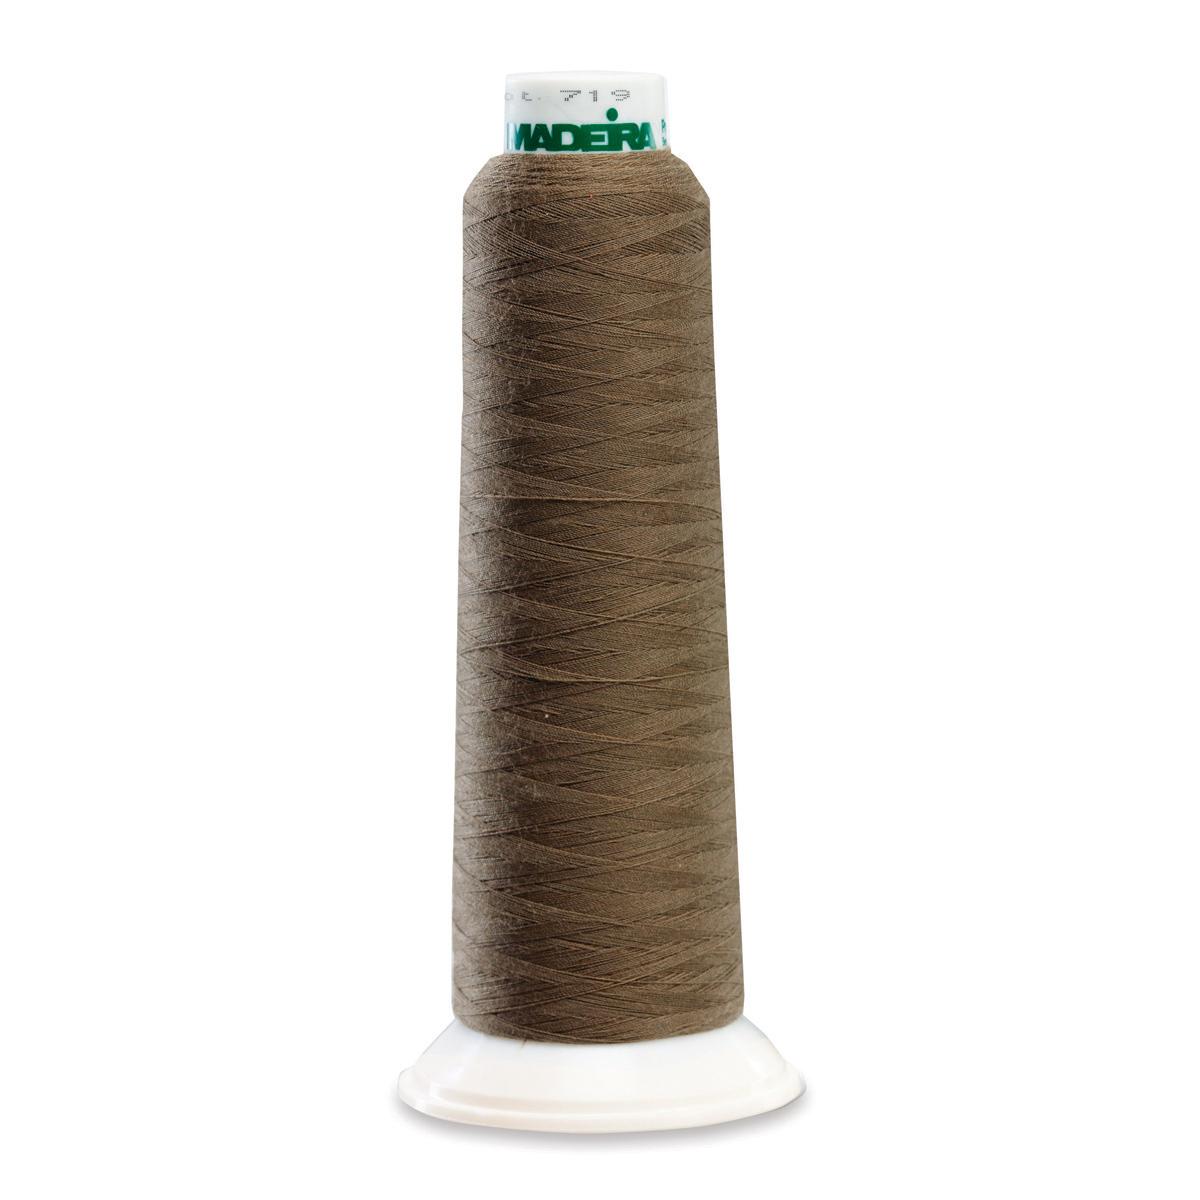 Dark Taupe Madeira Serger Thread